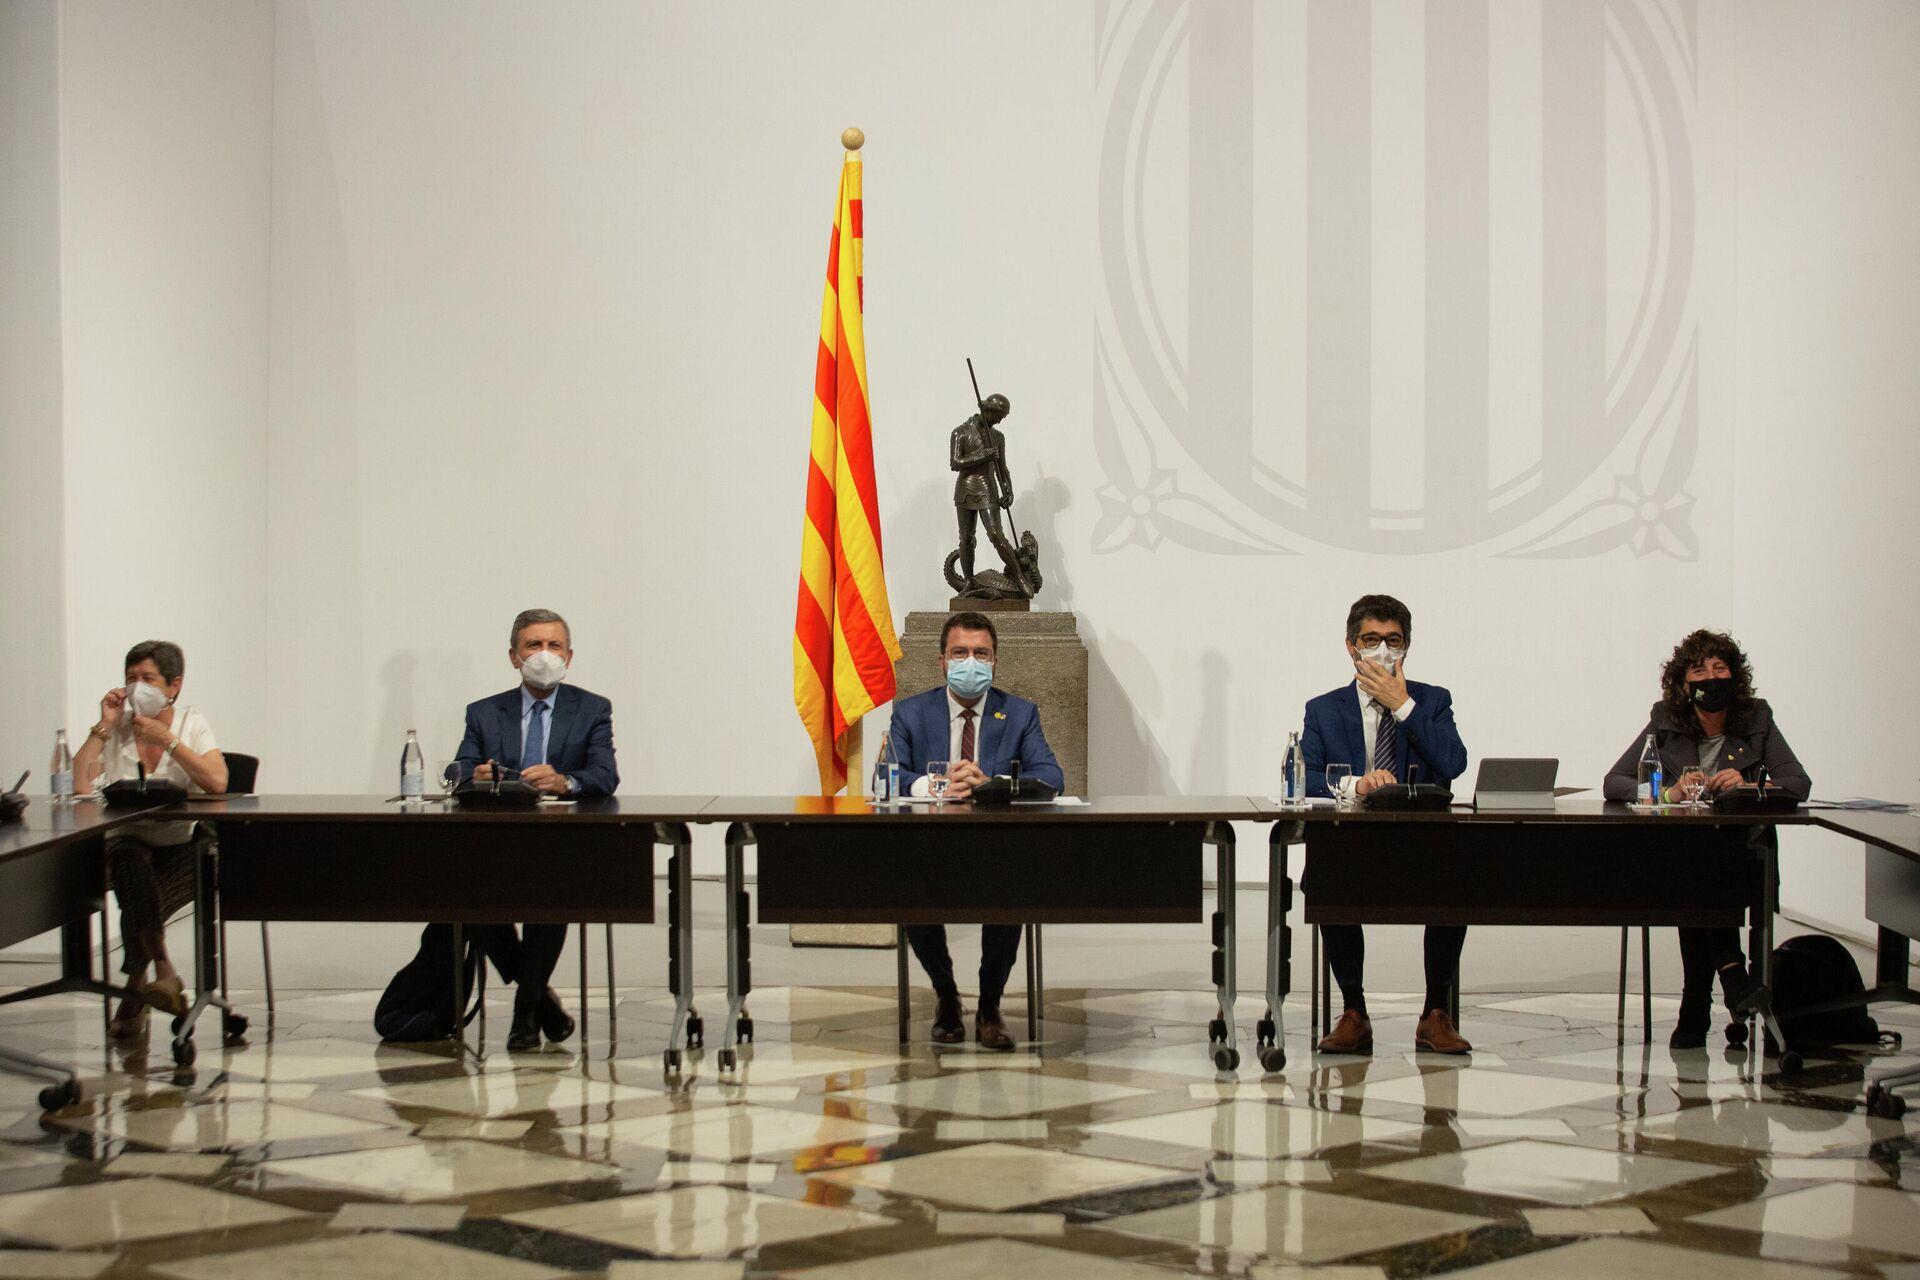 El president de la Generalitat, Pere Aragonès, preside una reunión de la mesa institucional, a 14 de junio de 2021, en Barcelona, Catalunya (España).  - Sputnik Mundo, 1920, 09.08.2021